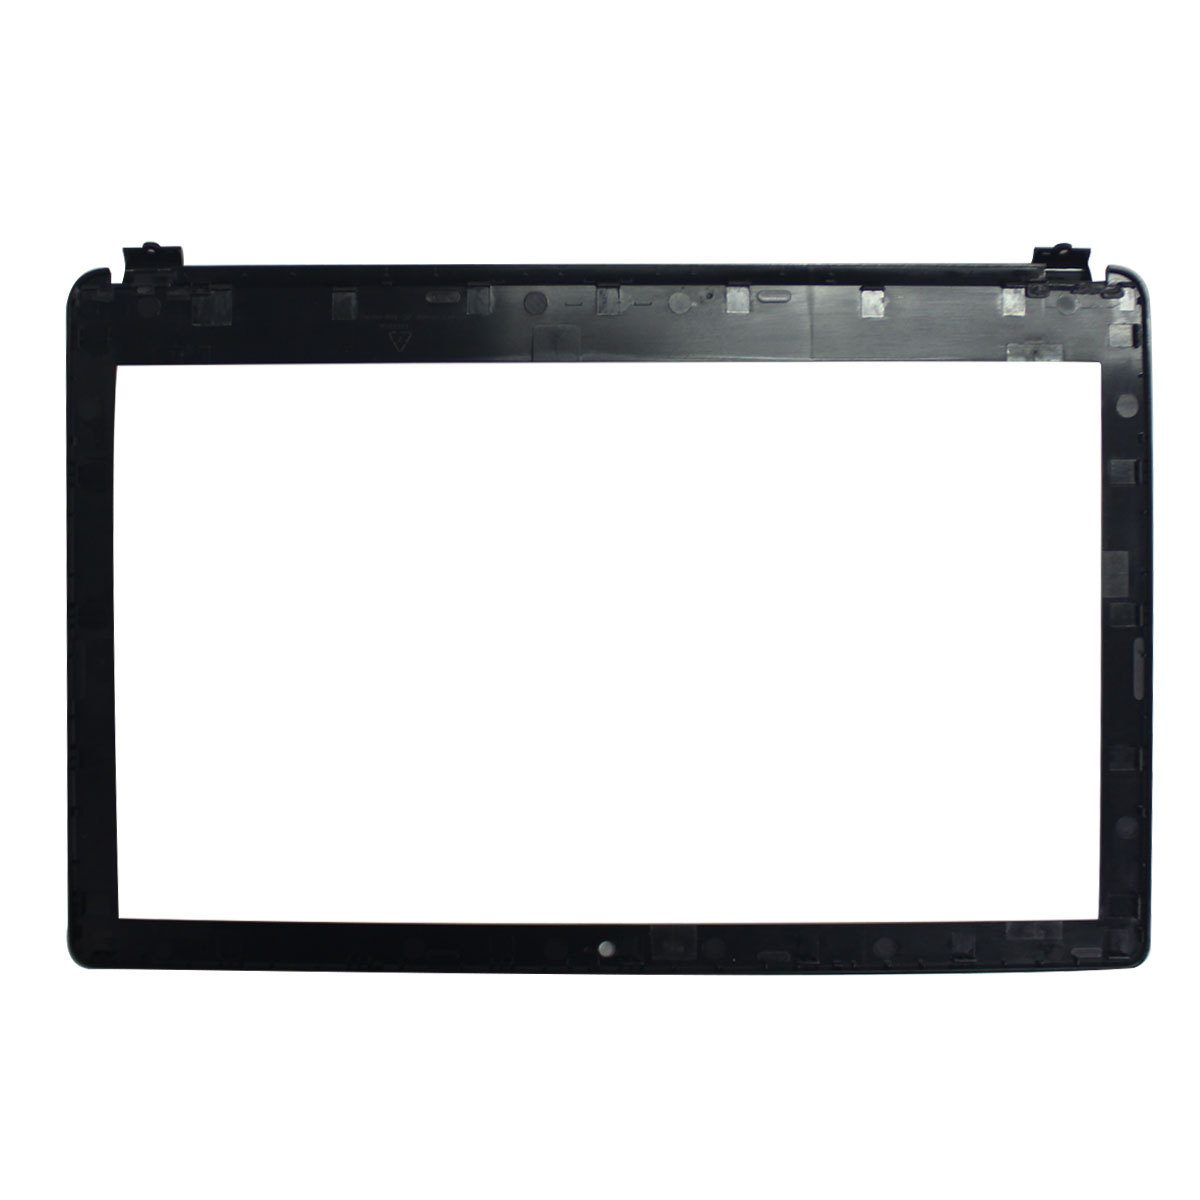 Top LCD Cover Back Lid,Screen Frame Bezel For Acer E1-570//E1-572//E1-510 Laptop